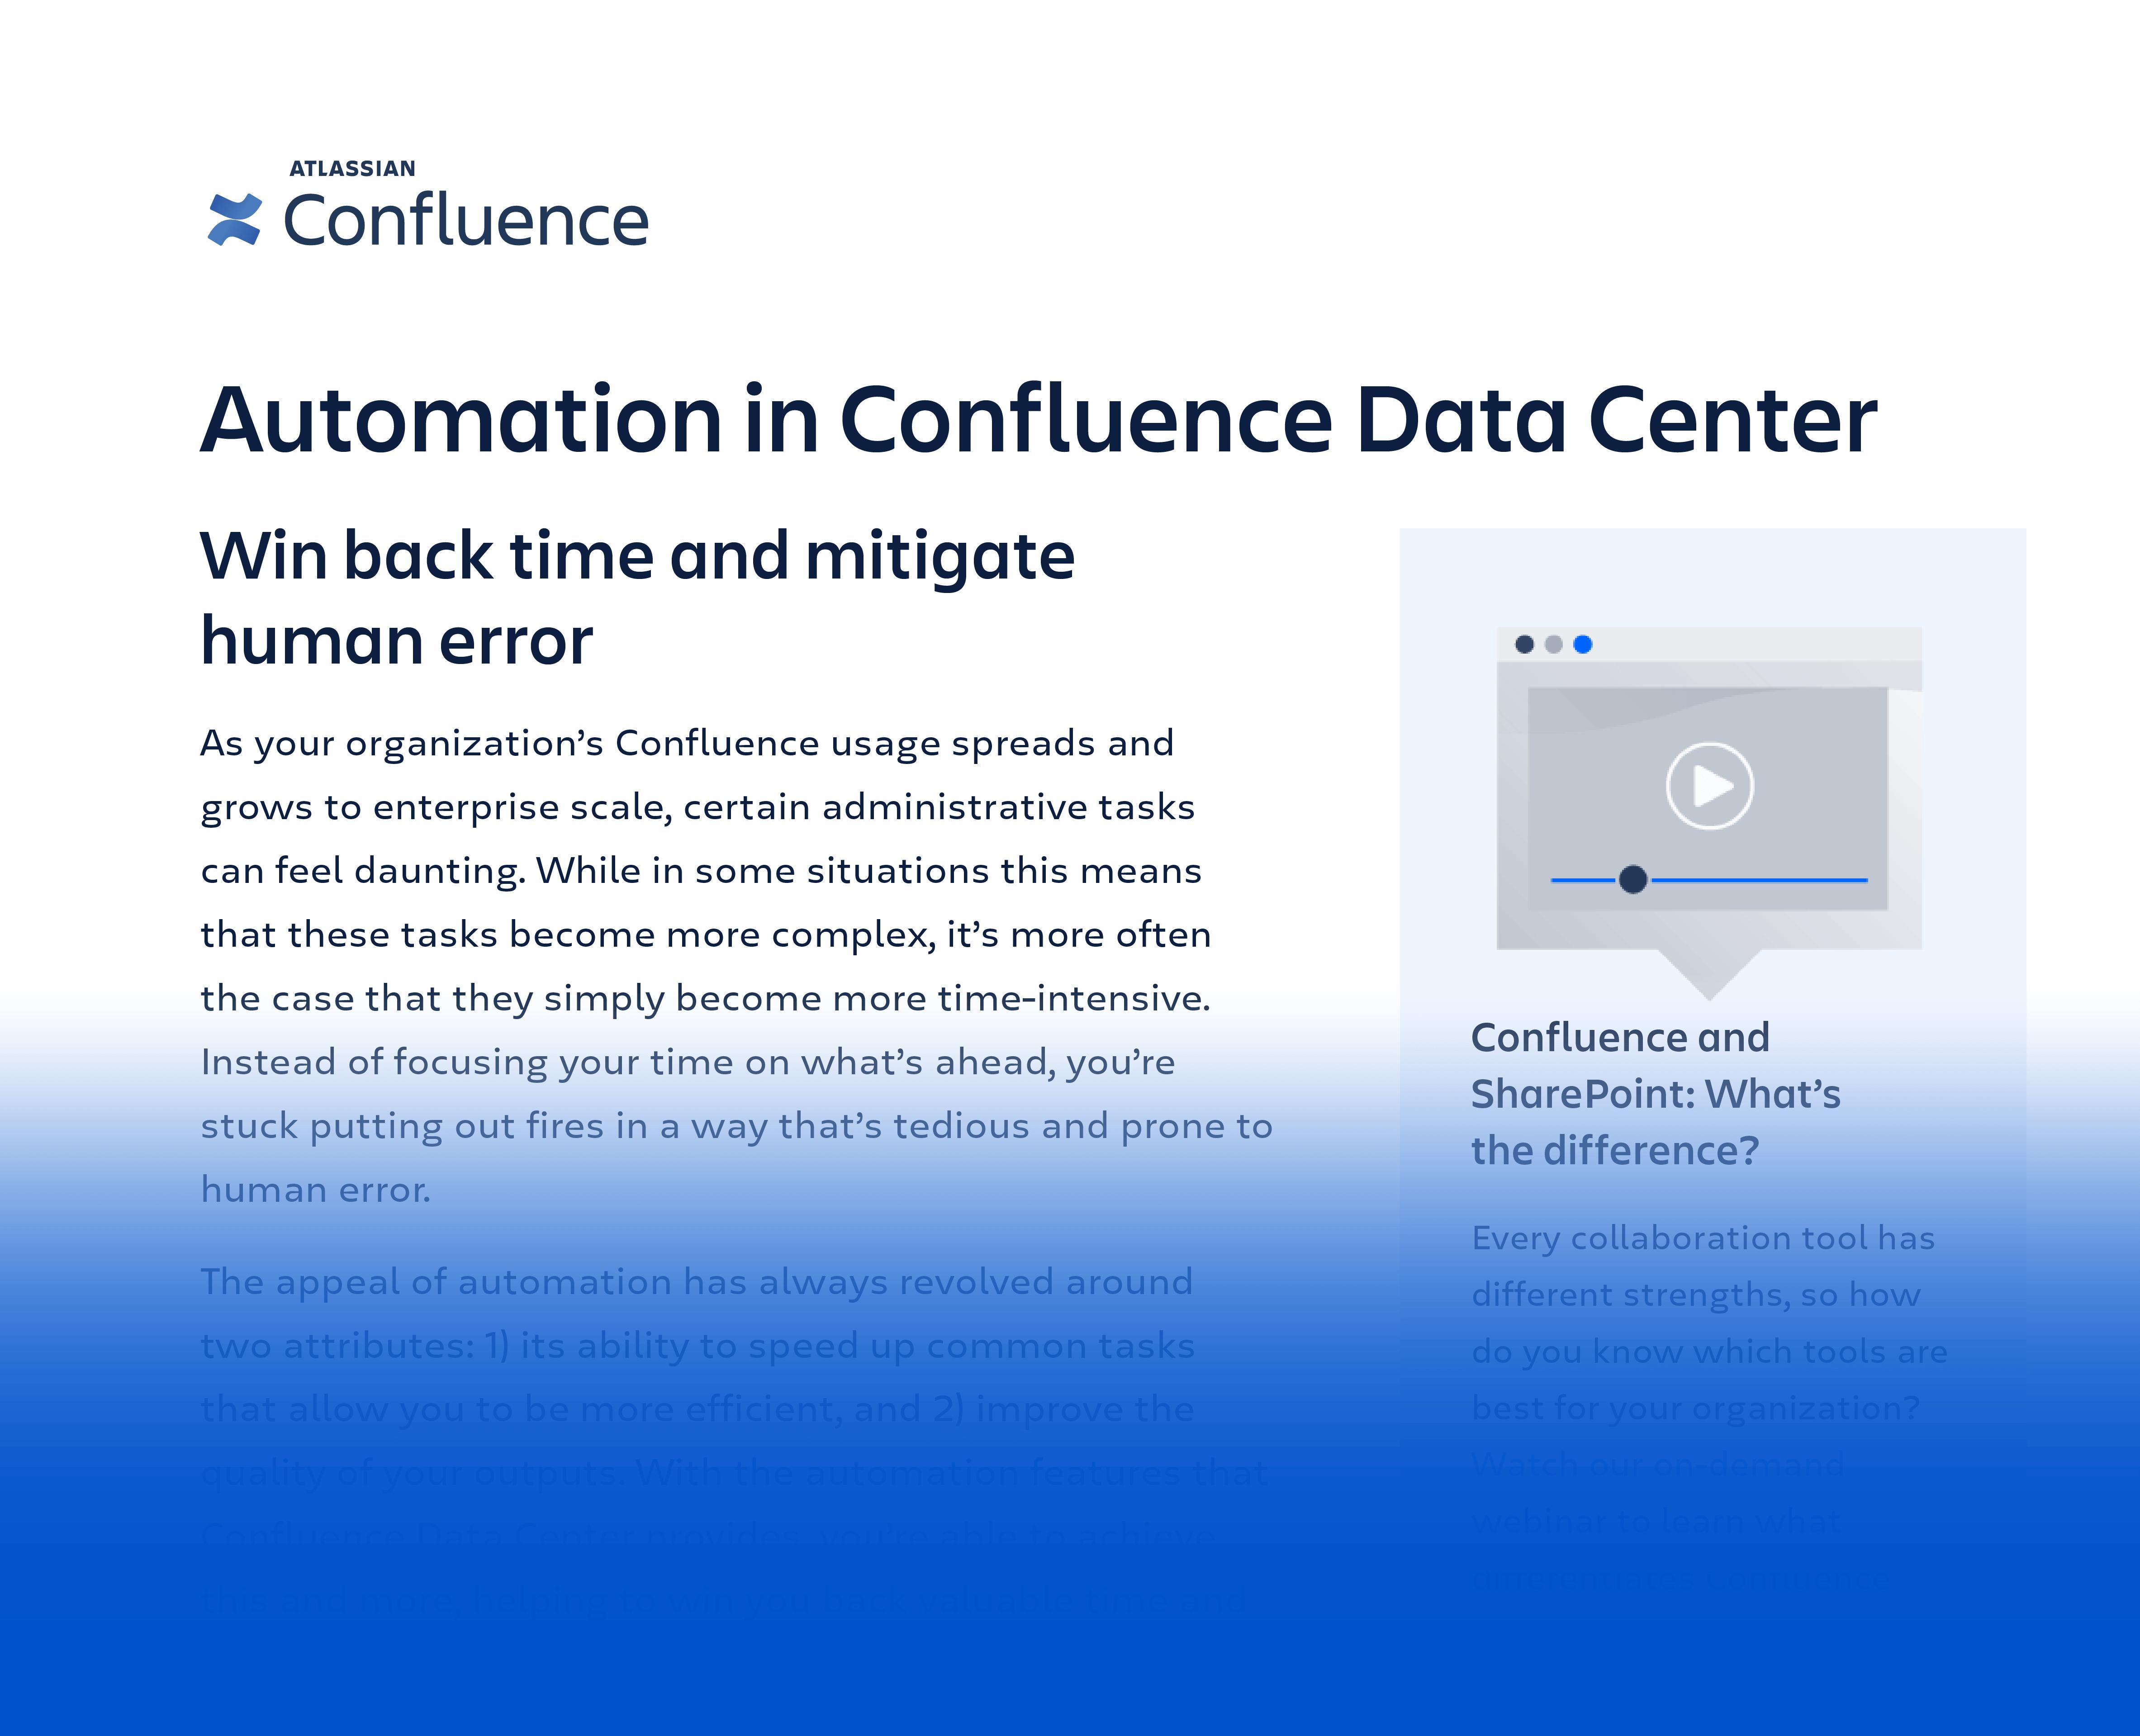 Adatlap: Automatizálás a Confluence Data Centerben